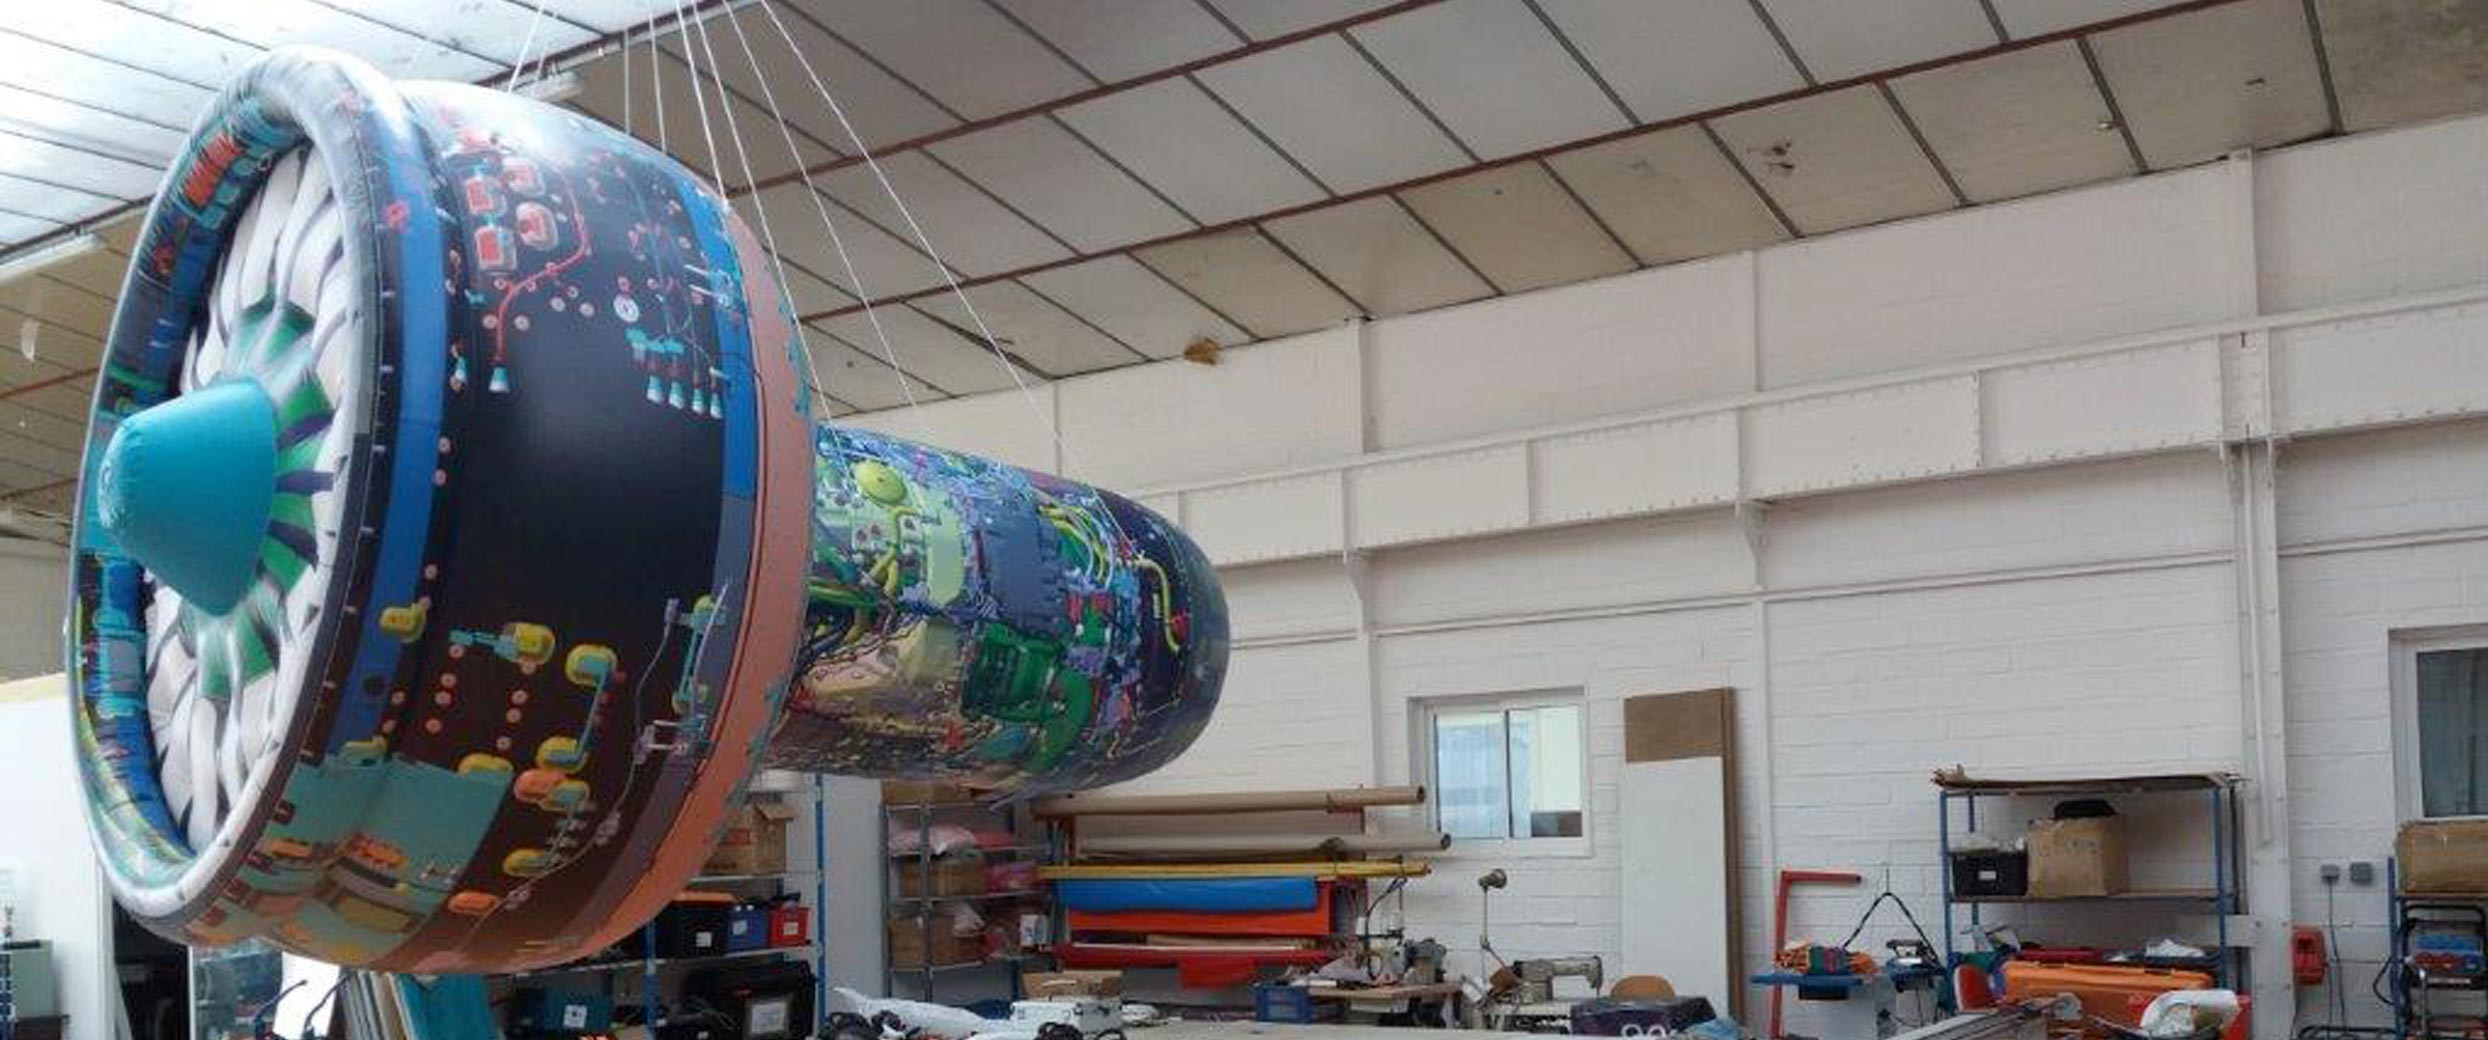 Fabrication d'un ballon personnalisé en forme de moteur d'avion.